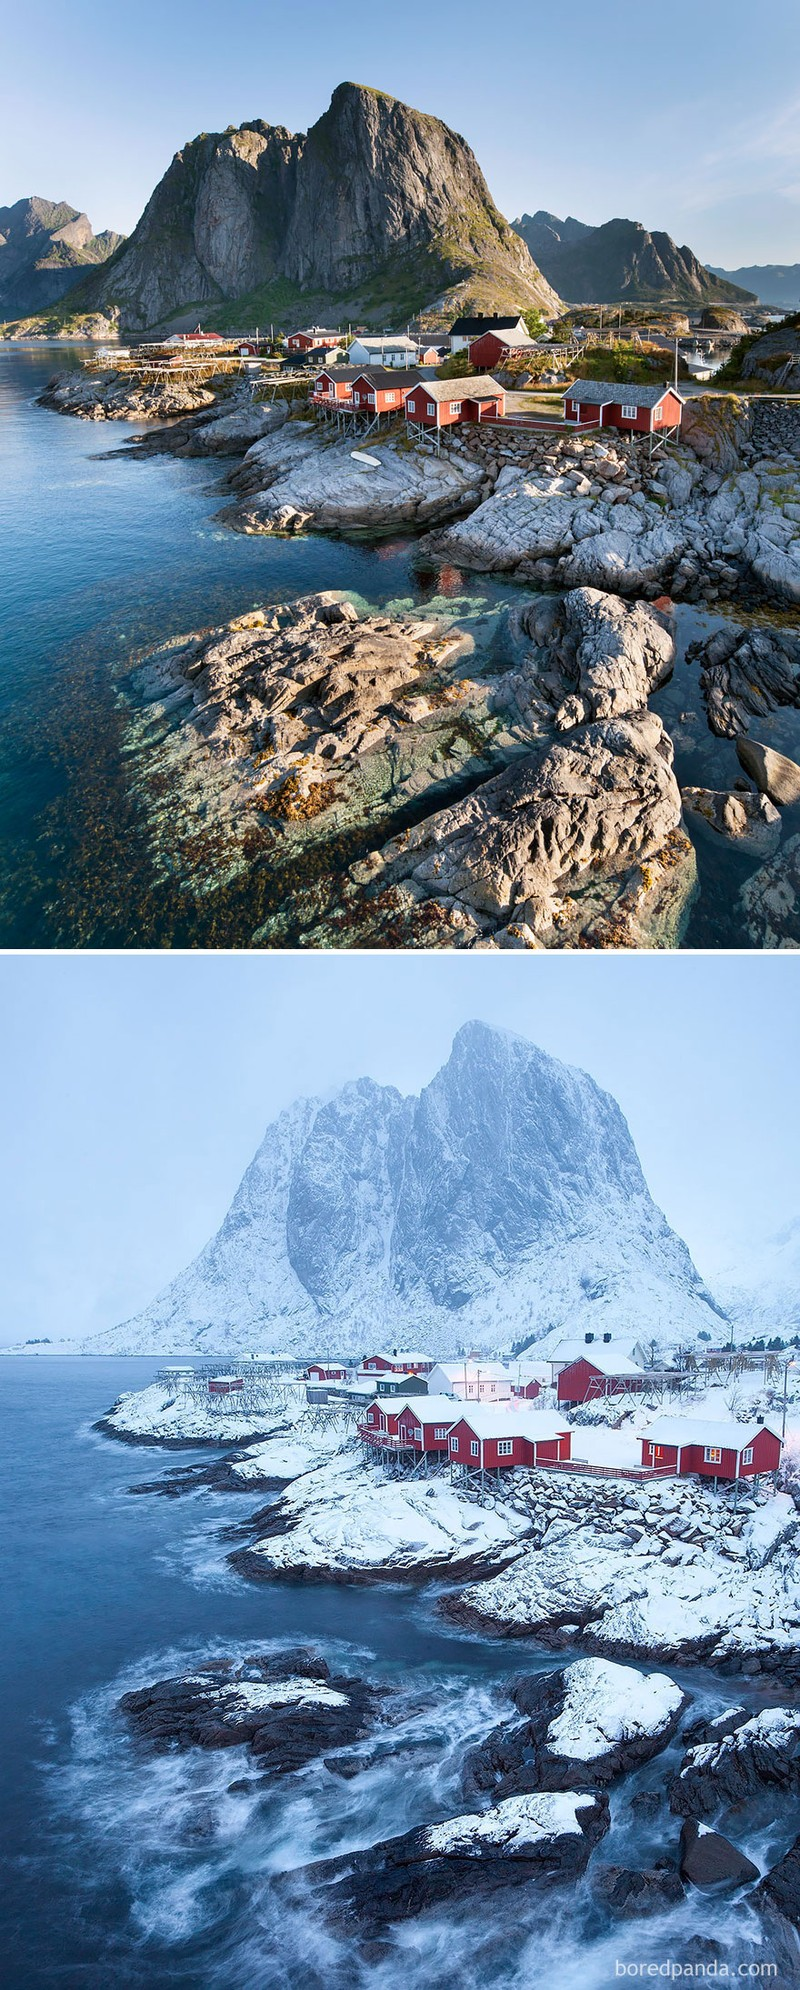 Chùm ảnh: Mùa đông đã biến đổi thế giới như thế nào? - ảnh 2